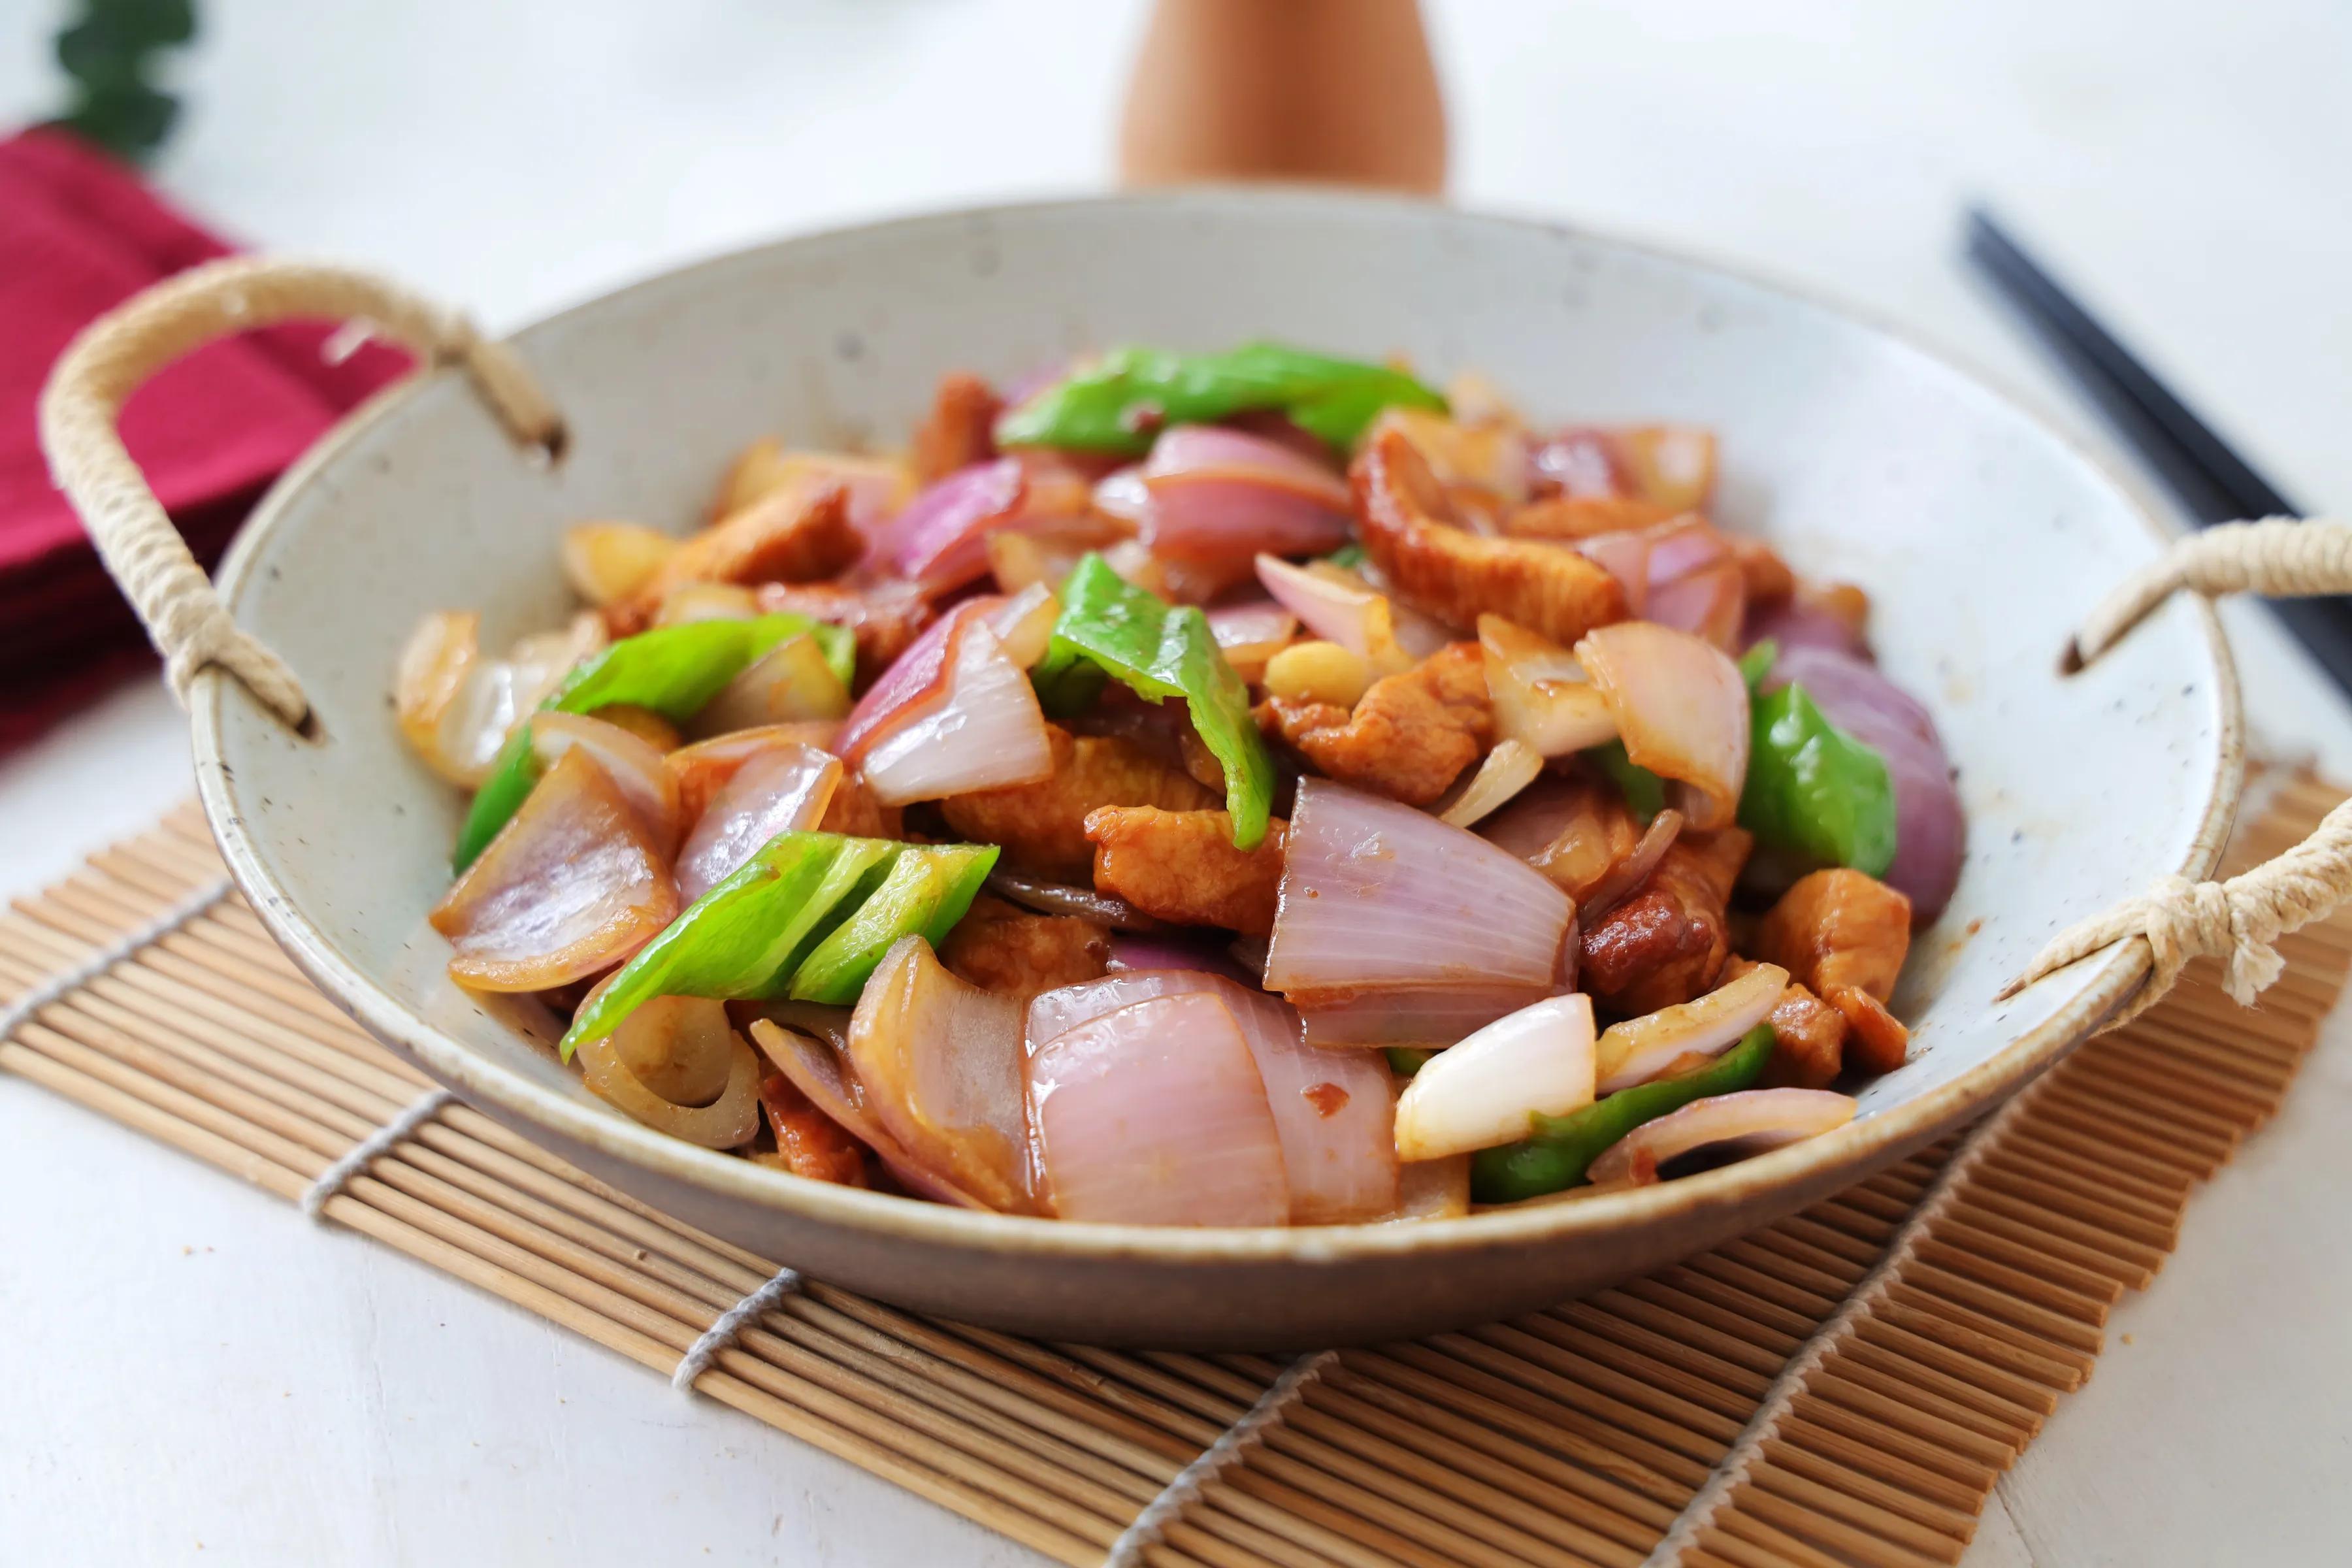 晚餐多吃这道菜,鲜香味美又营养,而且低脂吃不胖,特别下饭! 美食做法 第3张